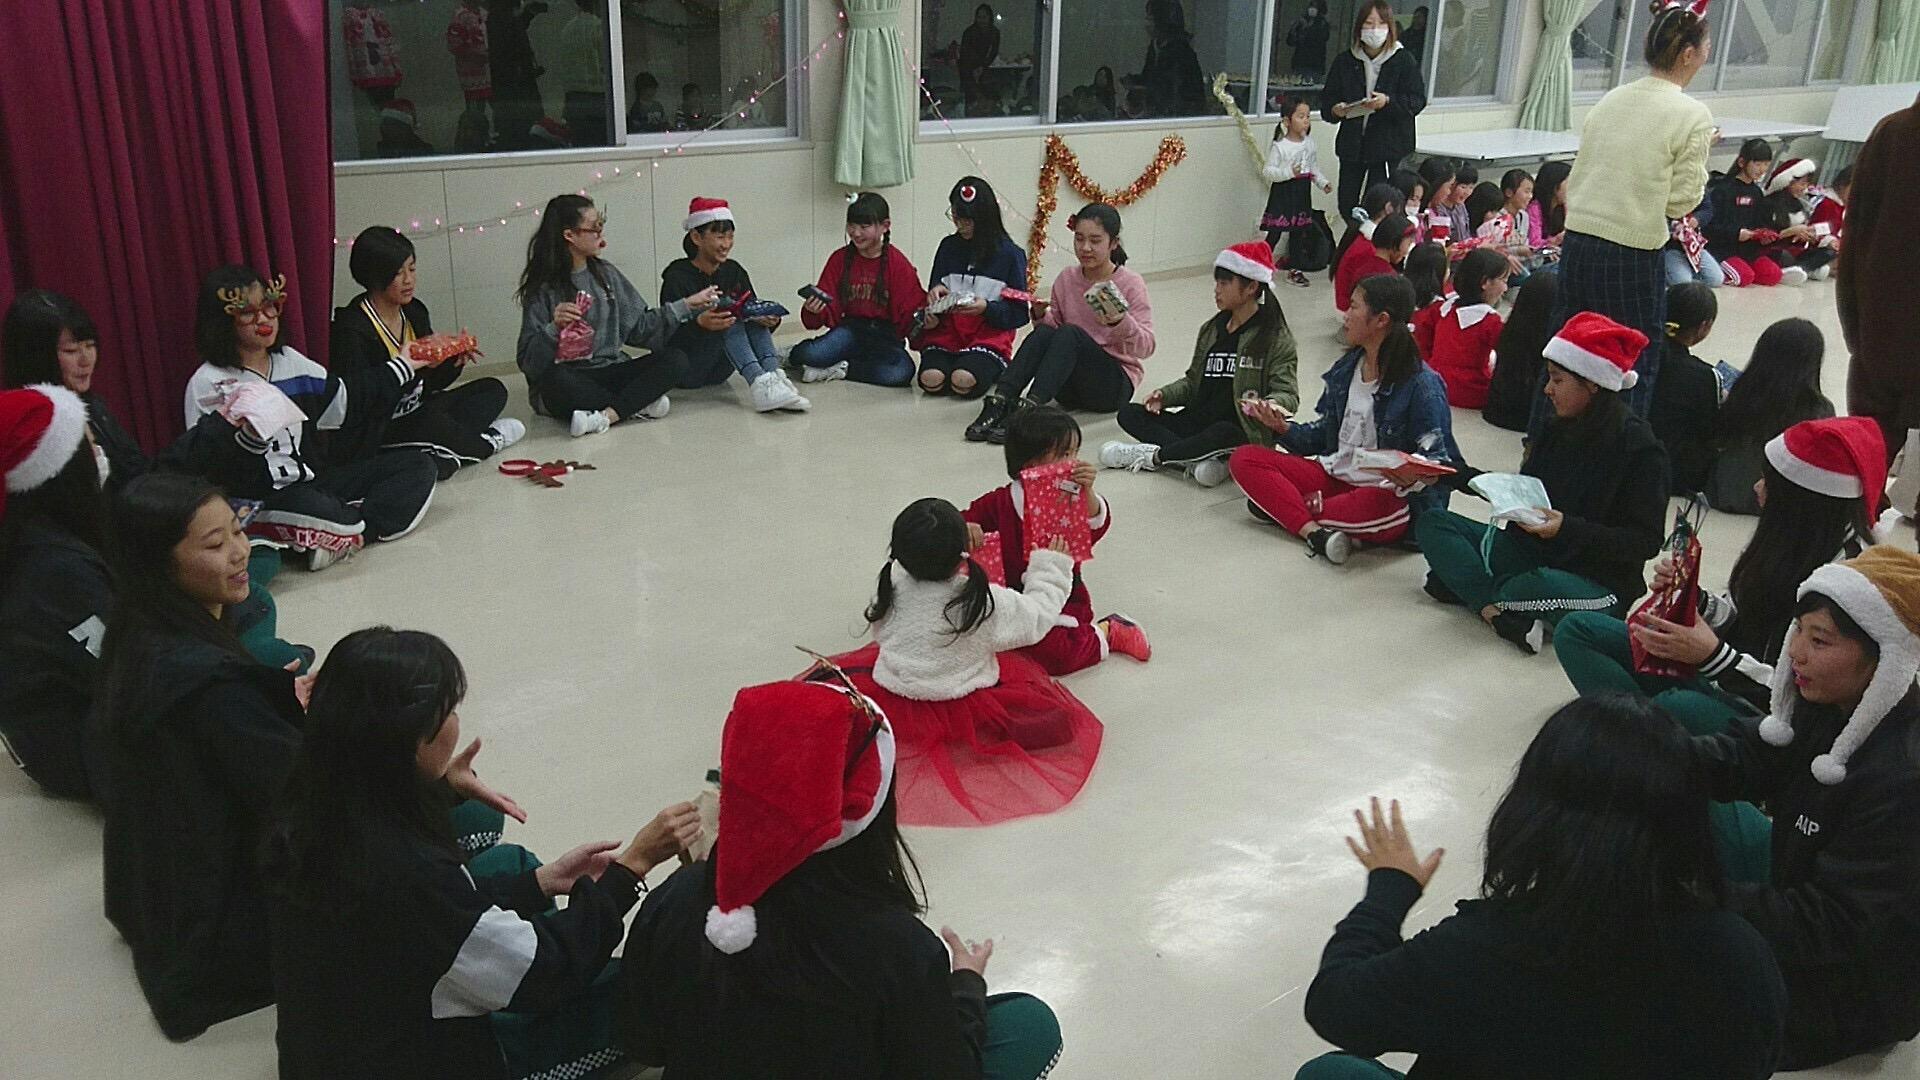 牧之原ダンス